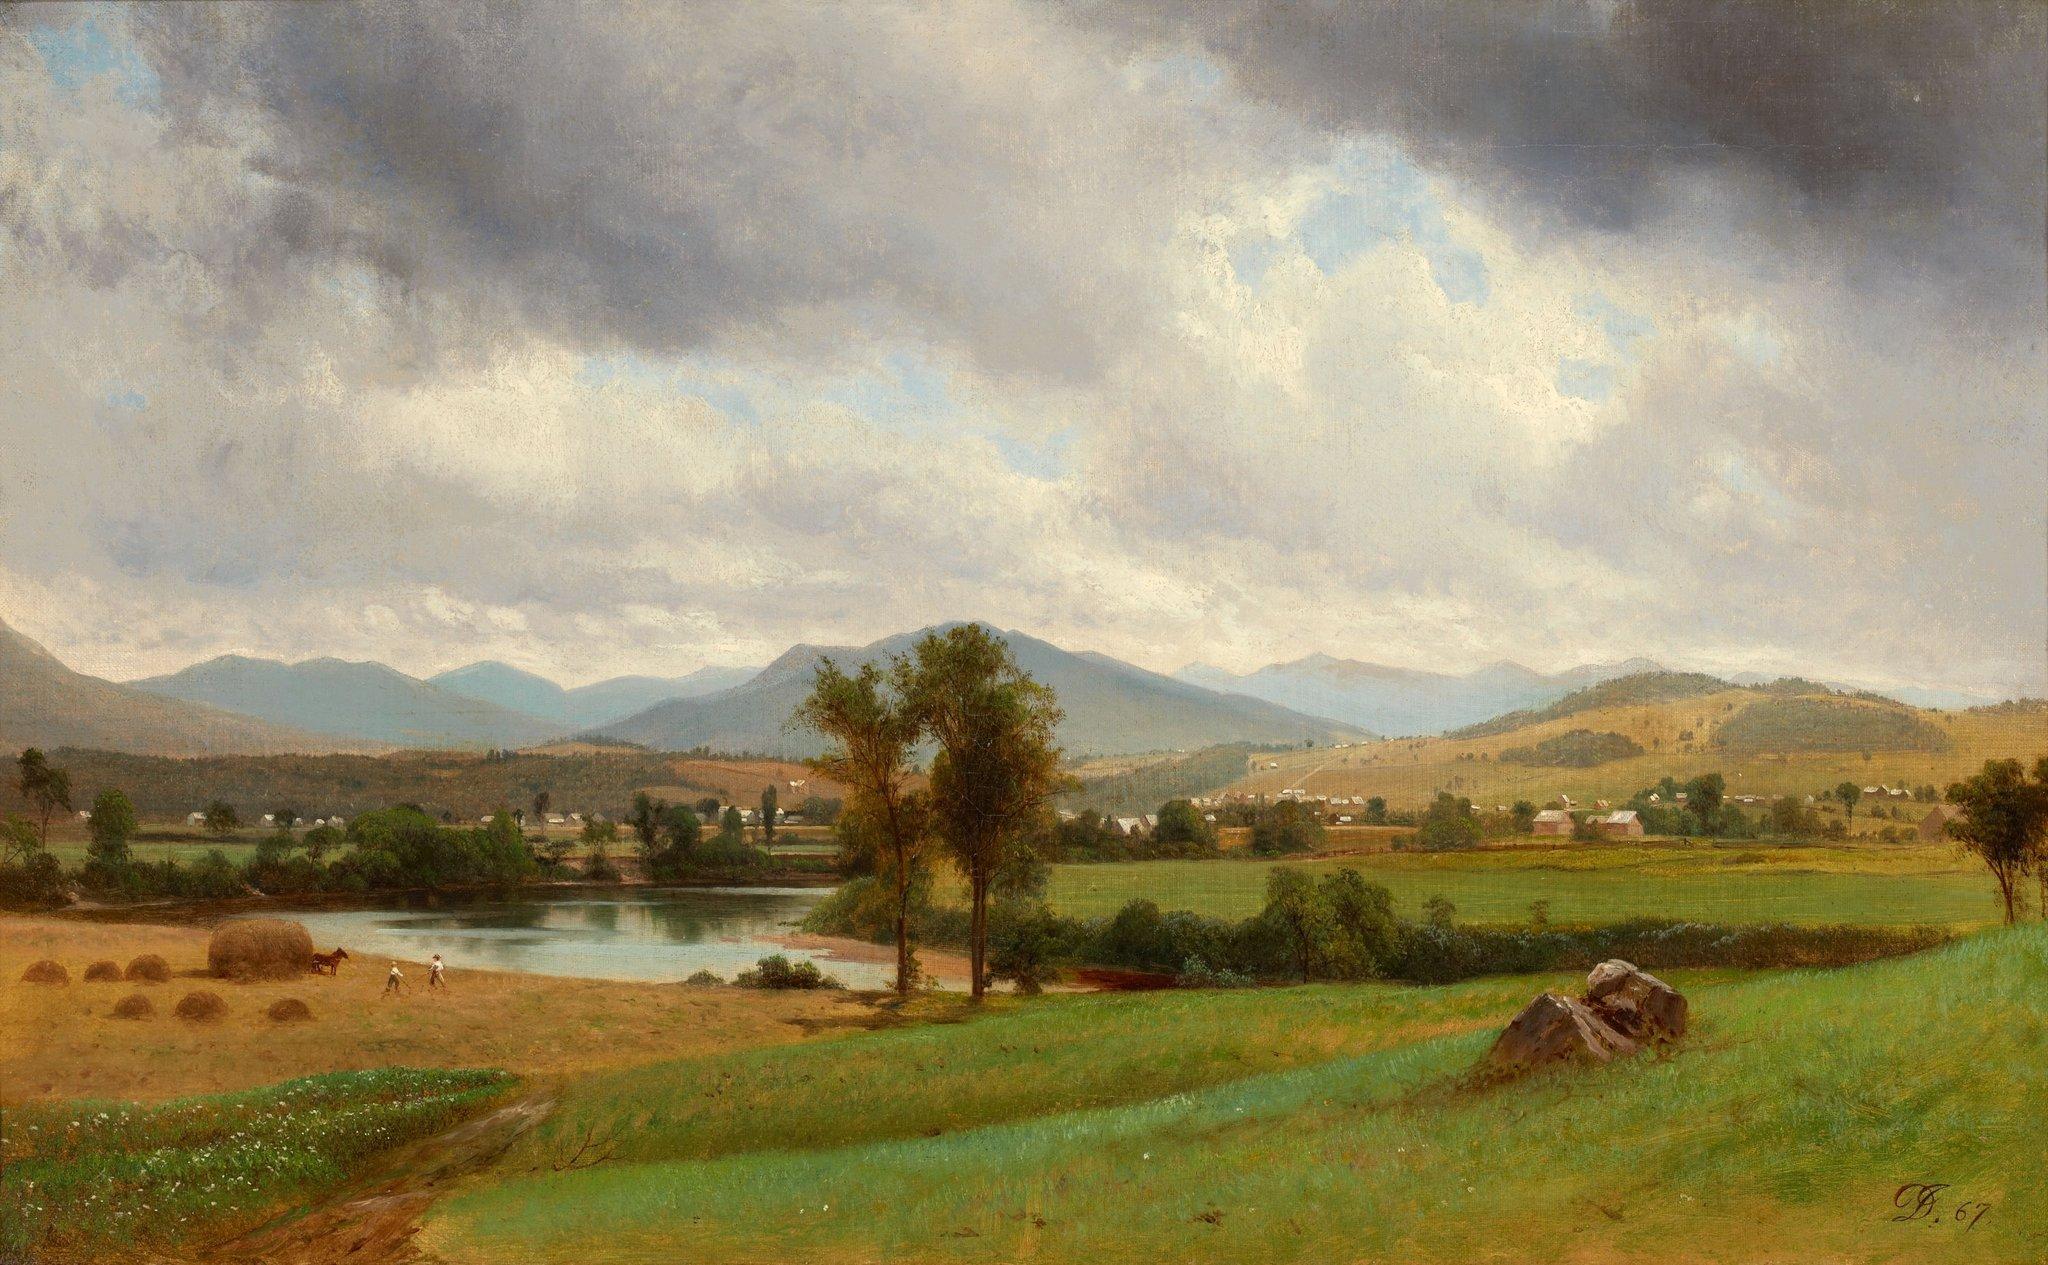 Bez tytułu Źródło: David Johnson, Bez tytułu, 1867, olej na płótnie, domena publiczna.